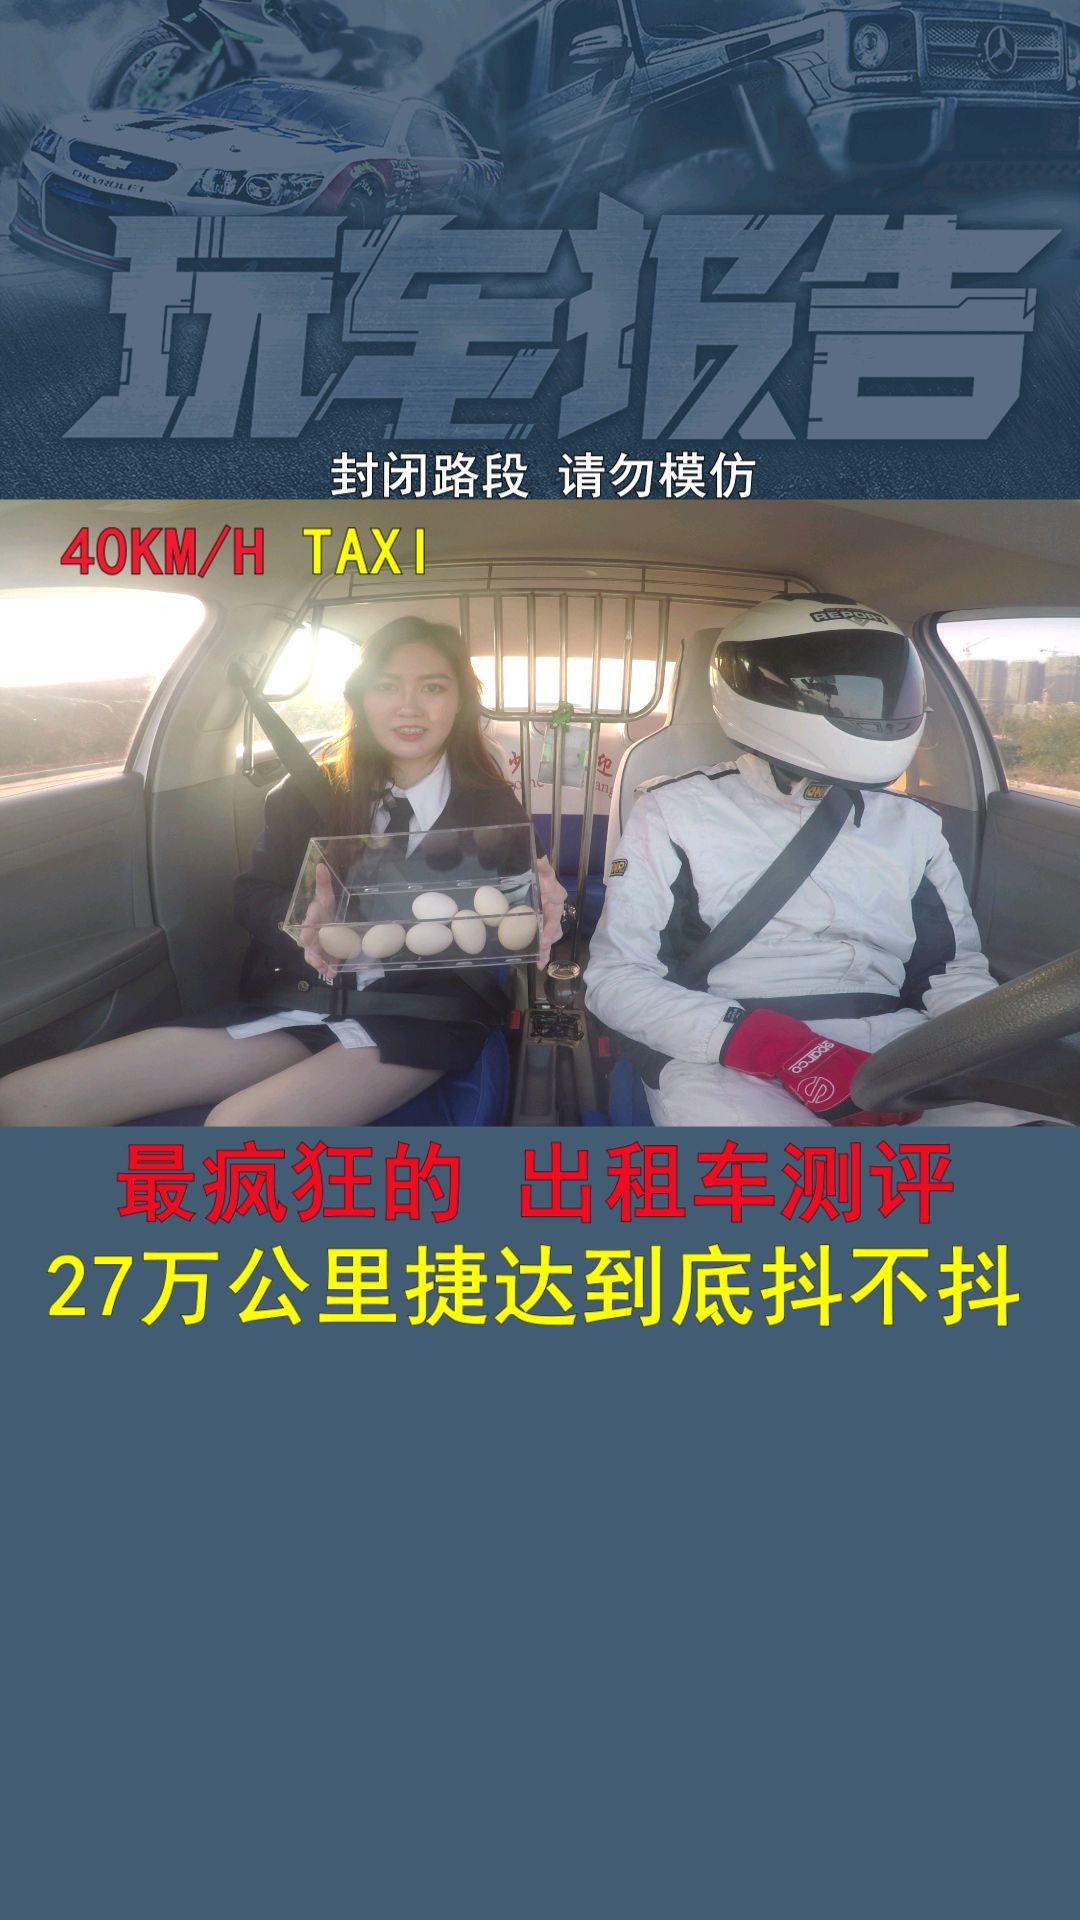 捷达出租车,40km/h极限颠簸测试